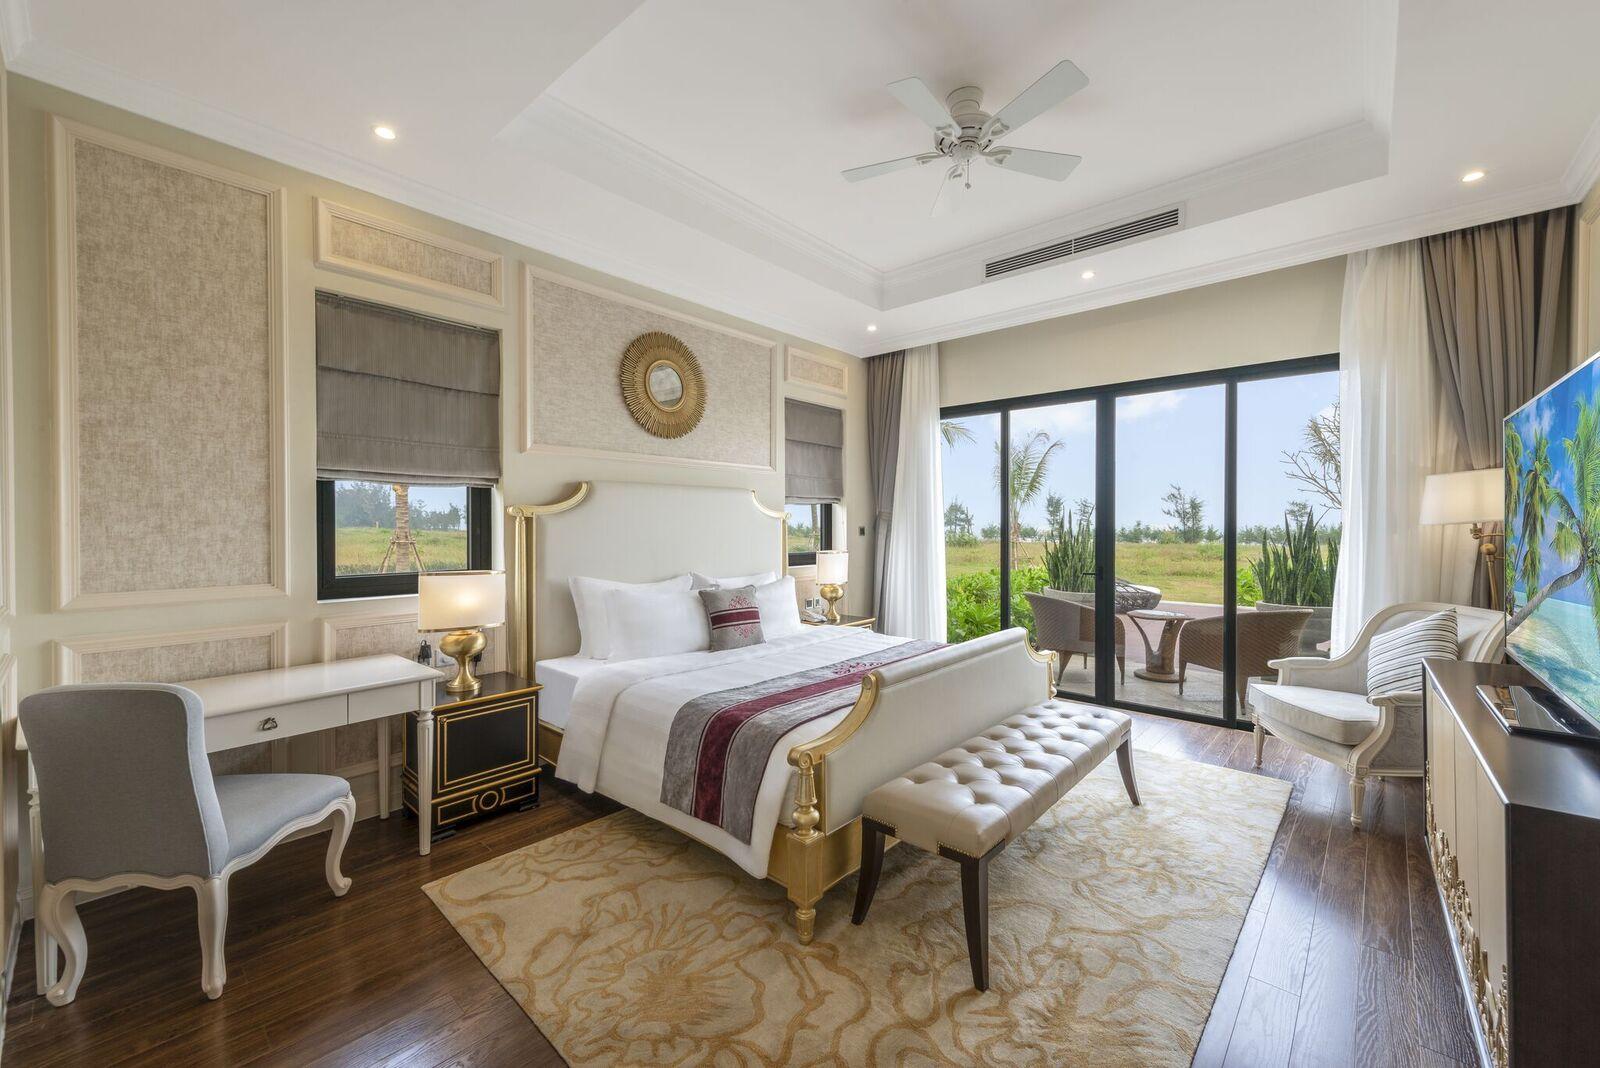 Căn villa 2 phòng ngủ tại Vinpearl Discovery Hà Tĩnh